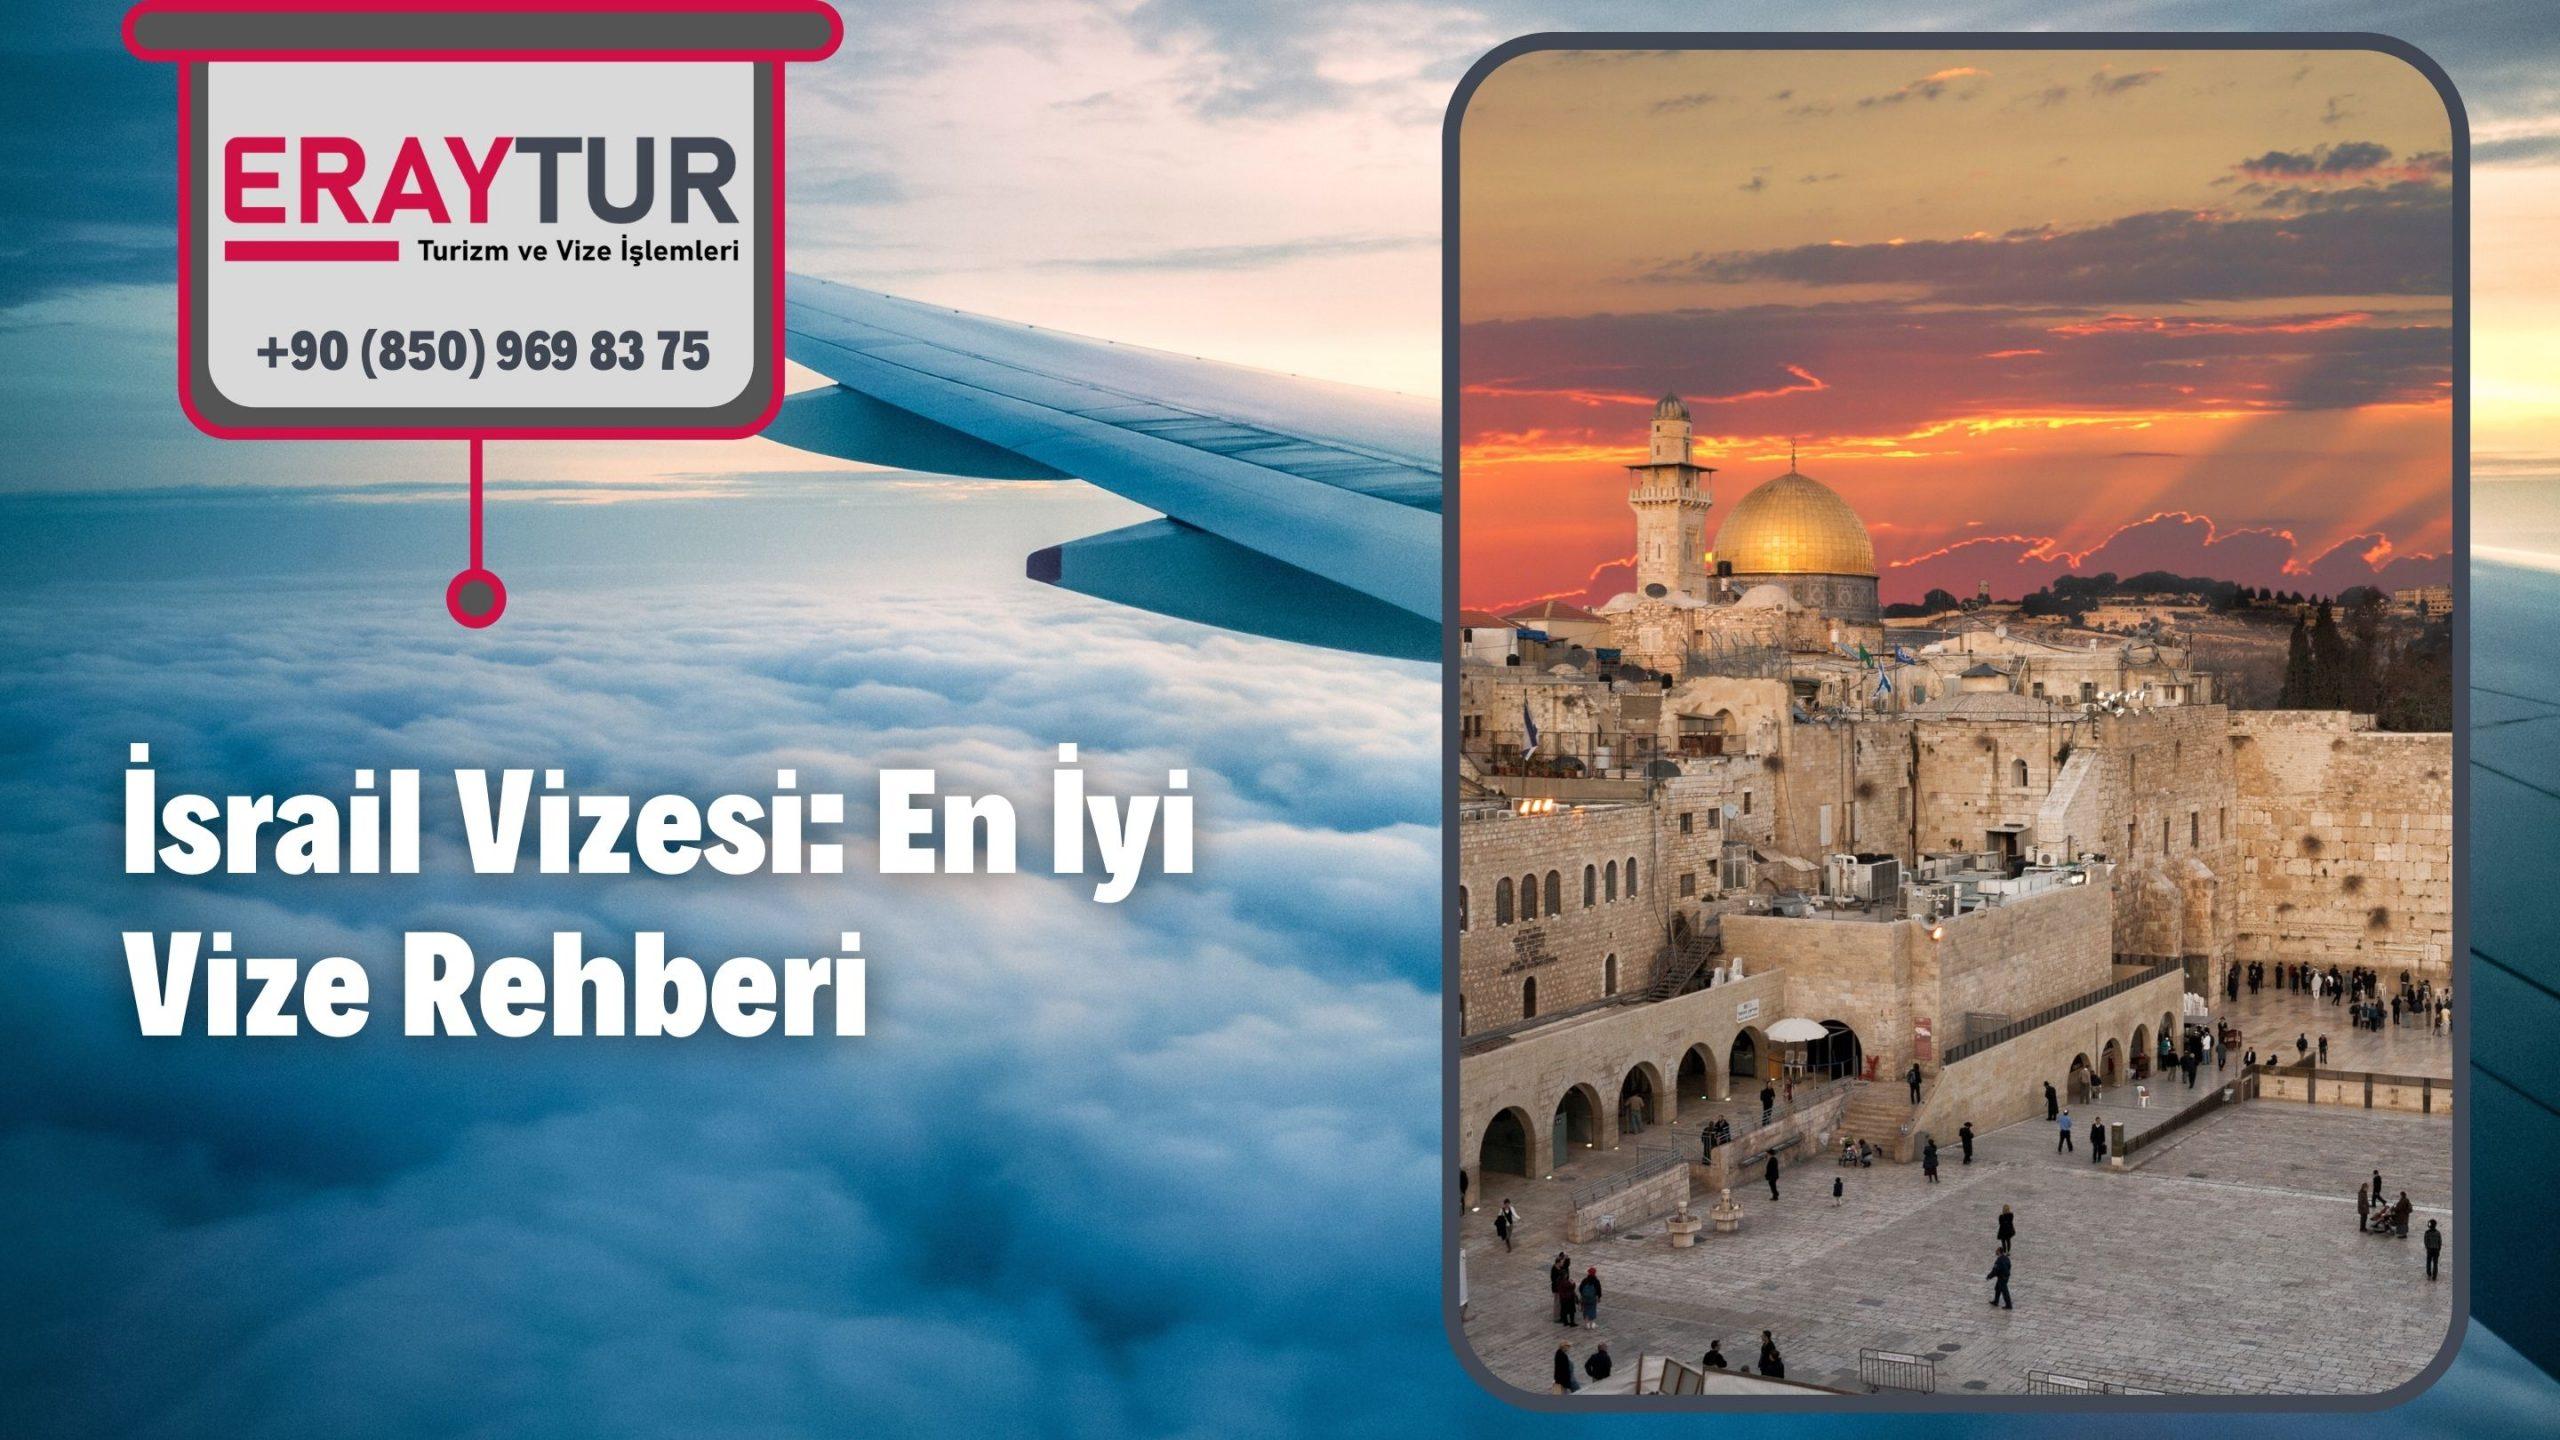 İsrail Vizesi: En İyi Vize Rehberi 2021